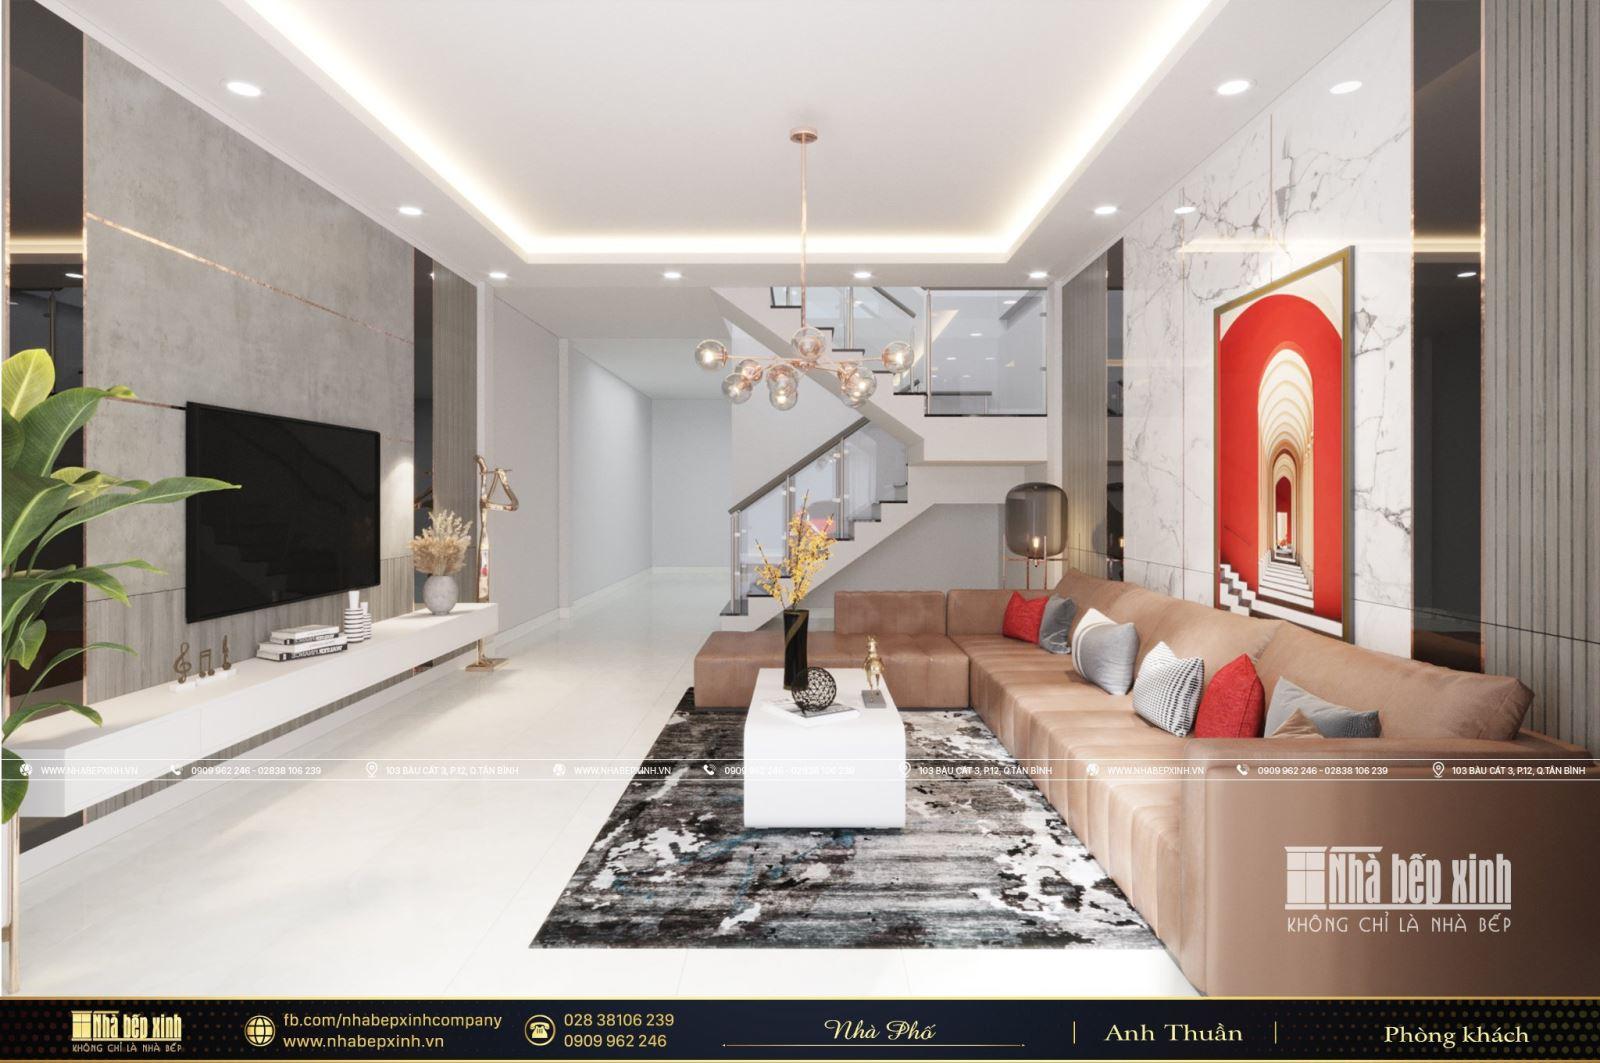 Thiết kế và thi công nội thất trọn gói đẹp tại Hậu Giang